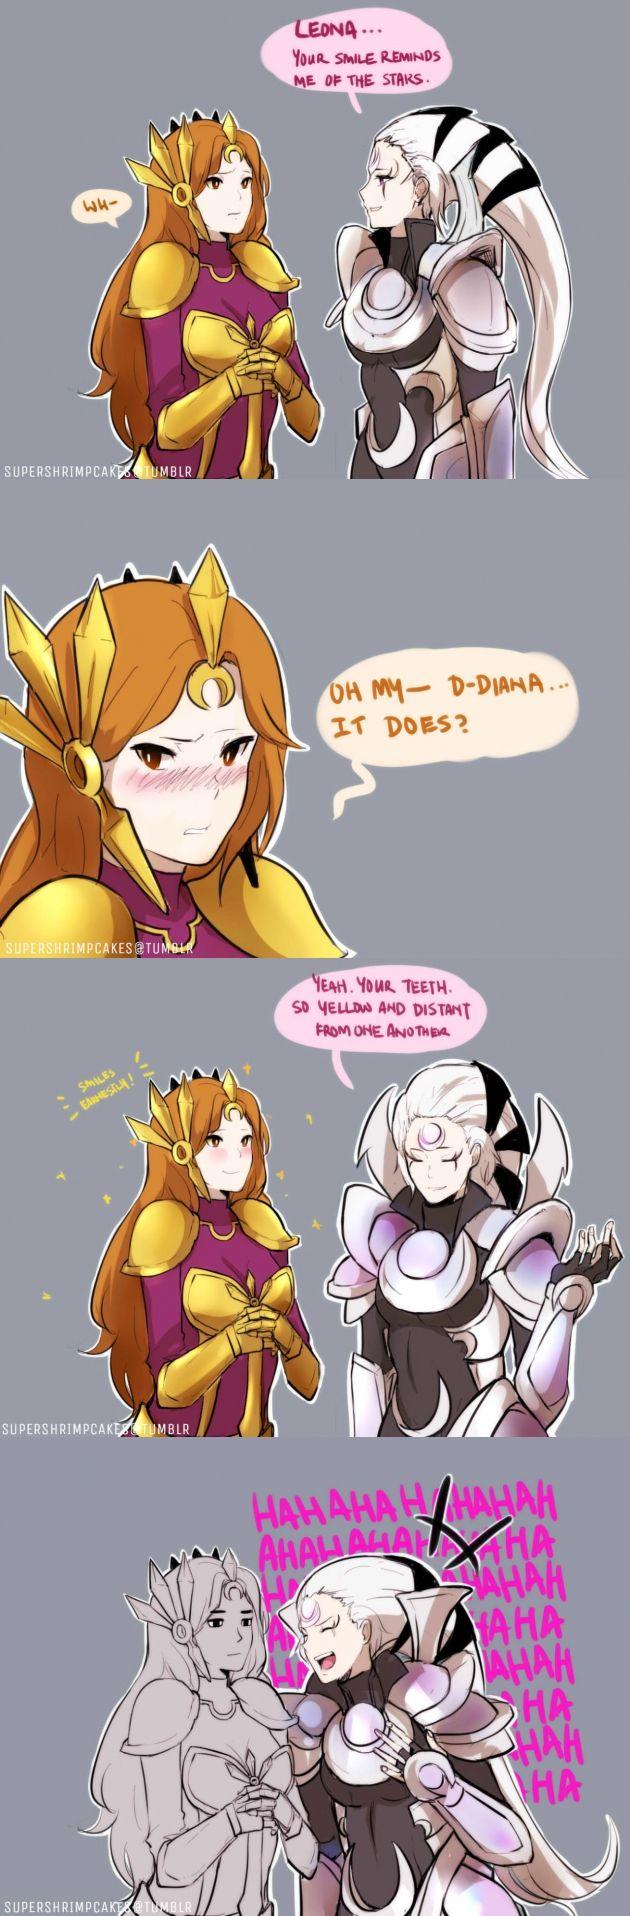 Leona with Diana